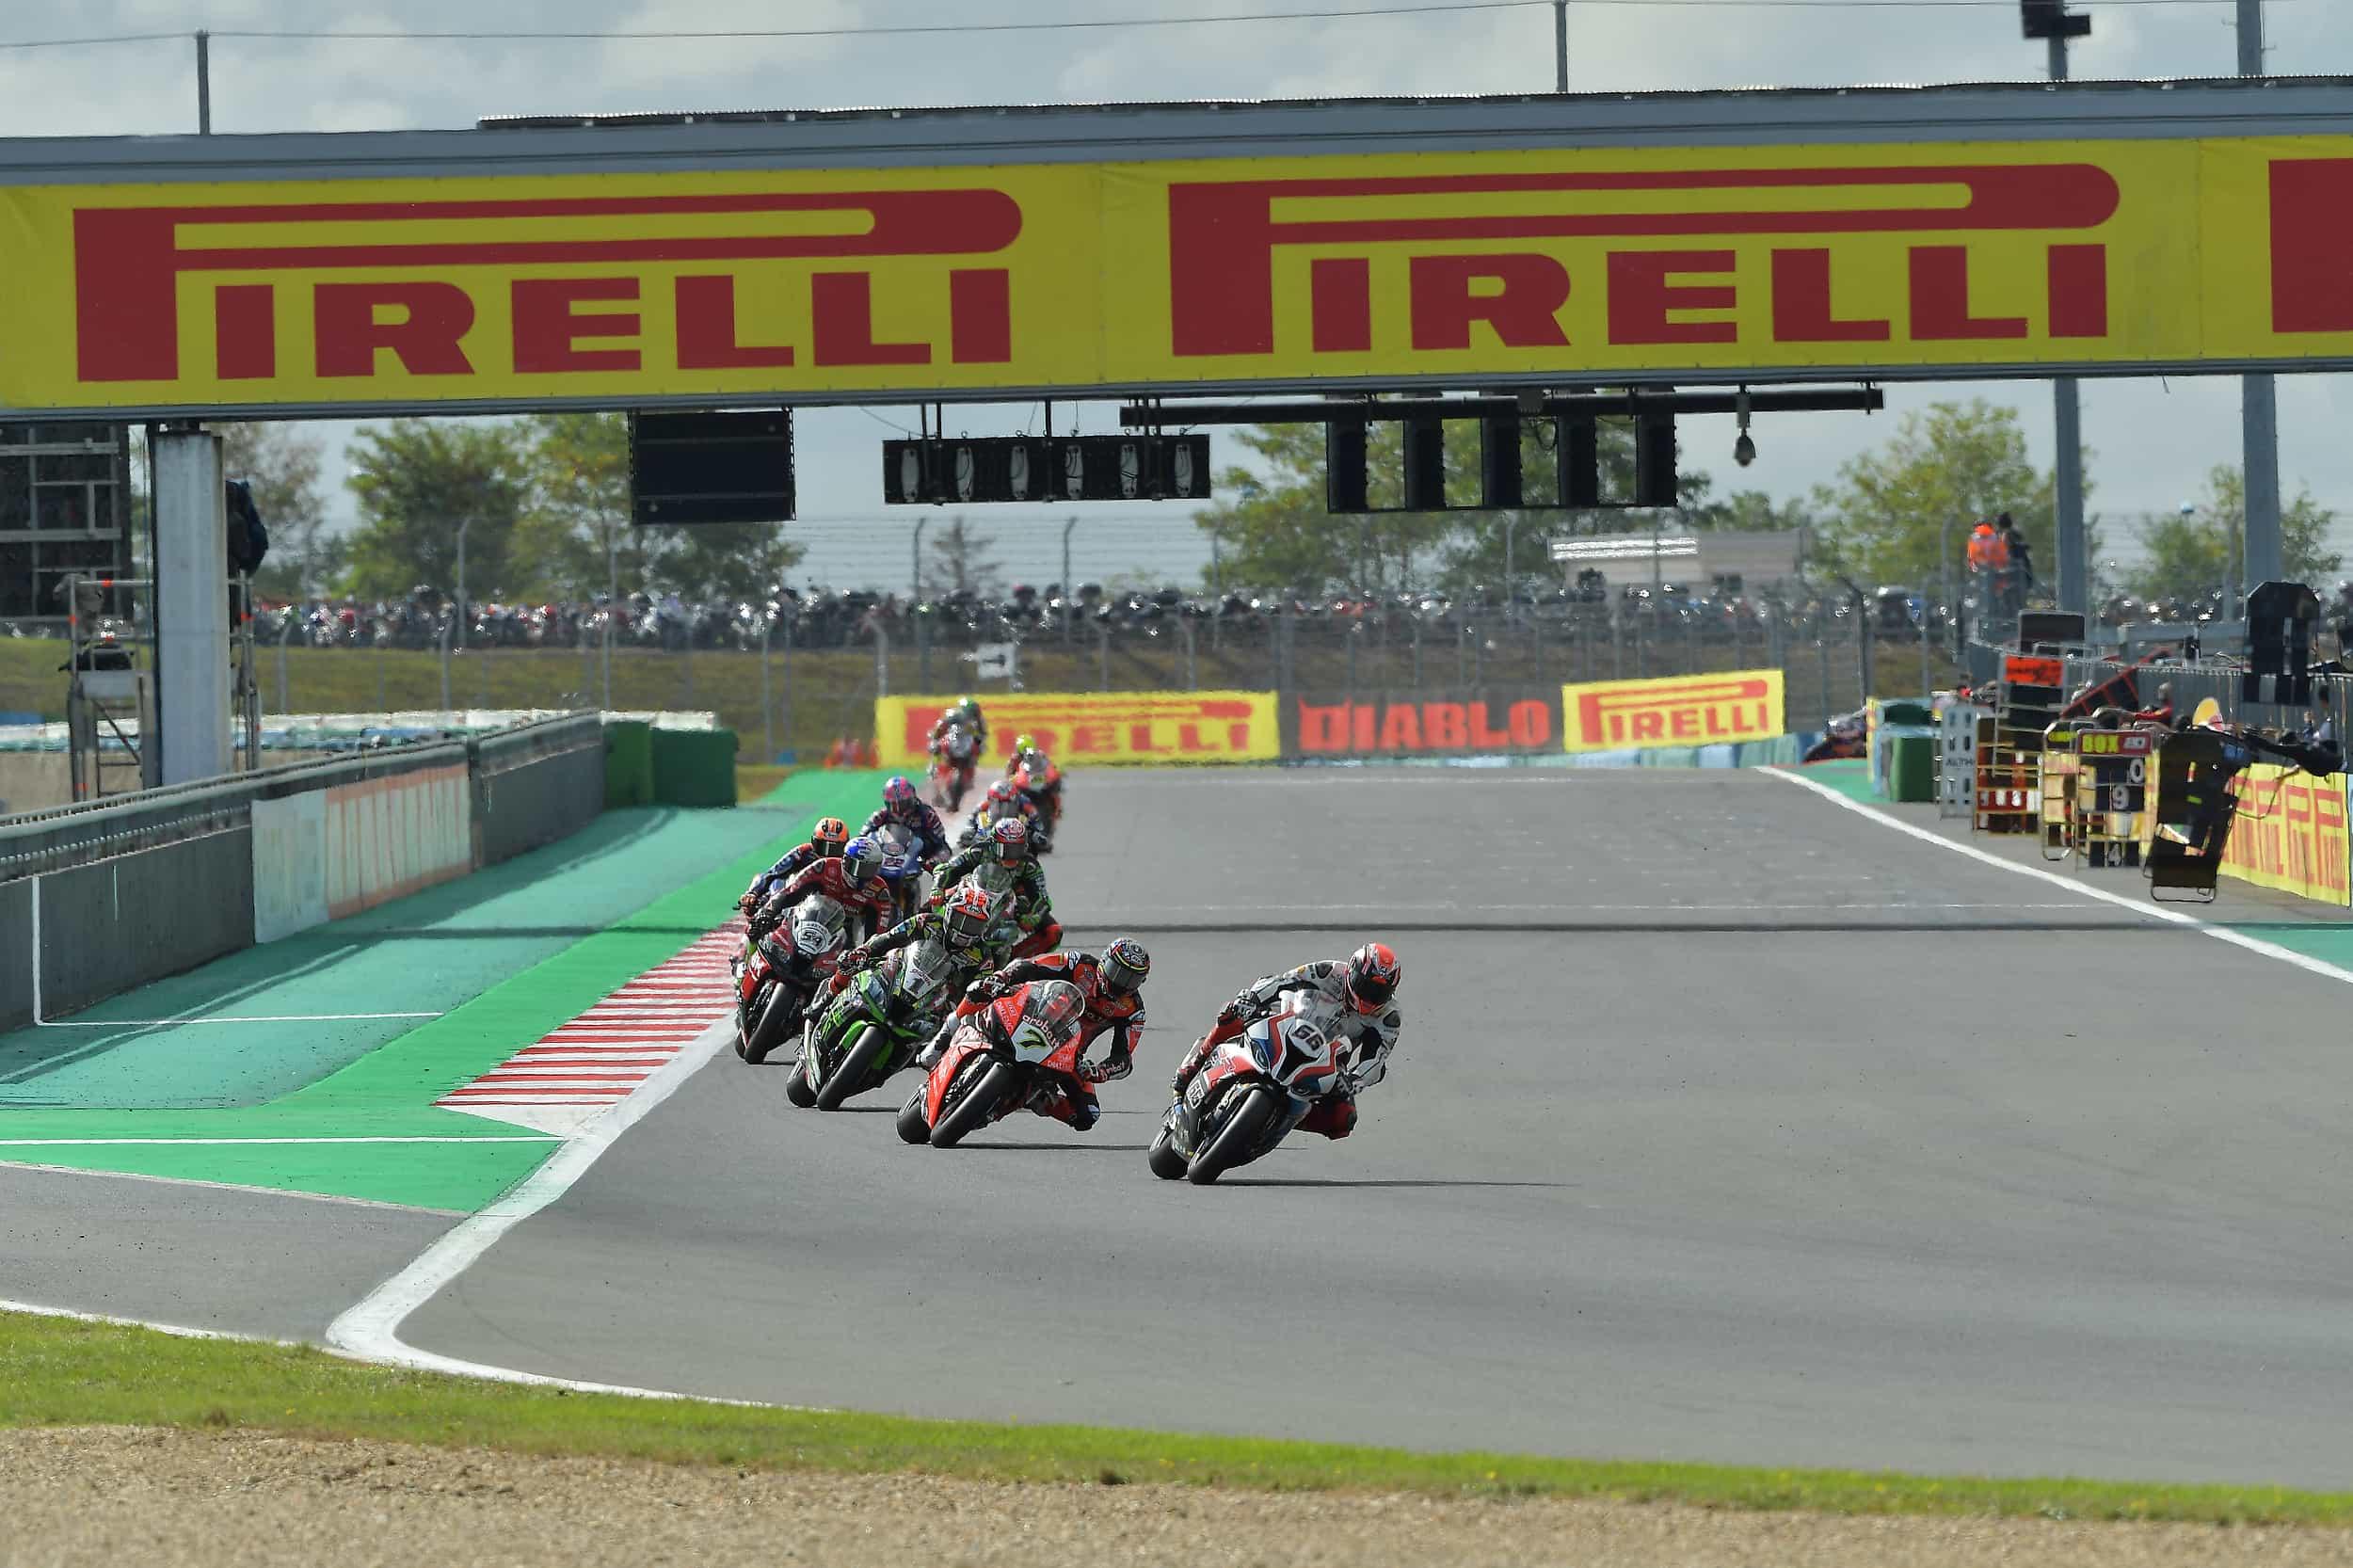 FIM スーパーバイク世界選手権(SBK) イモラ戦中止を受け、再びレースカレンダーを変更